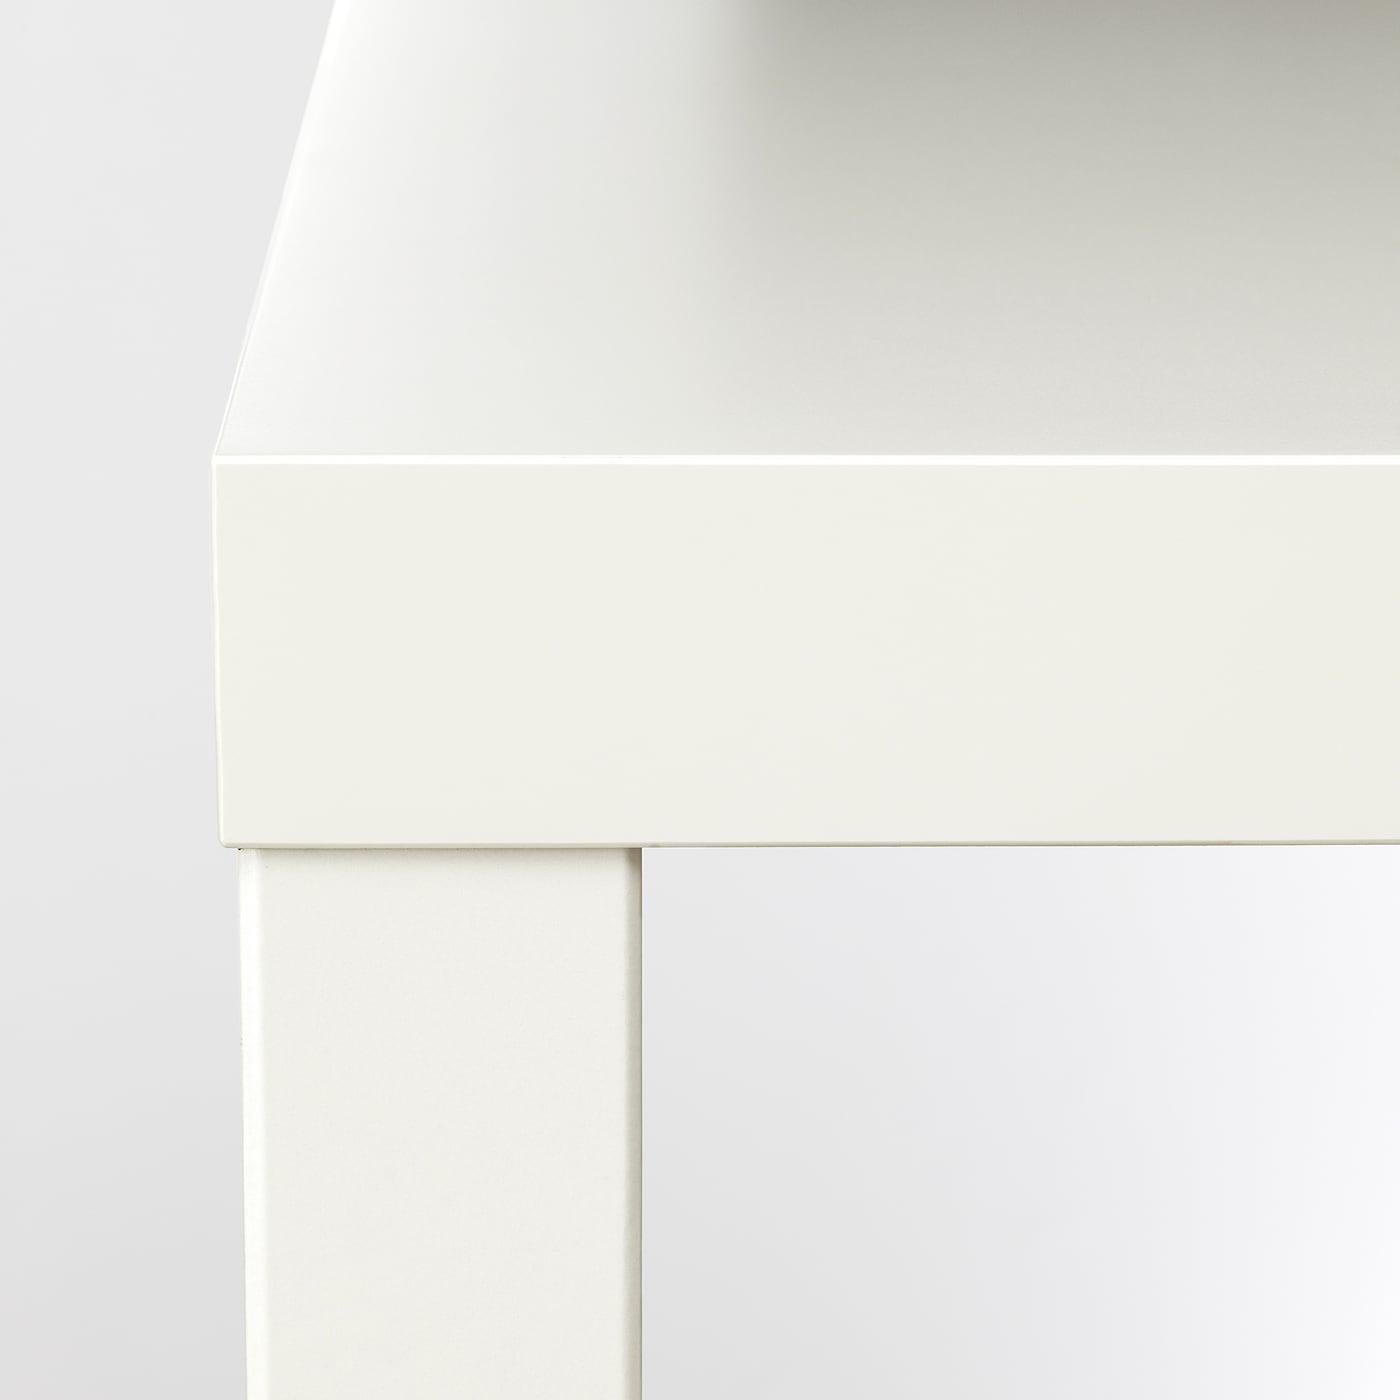 LACK Beistelltisch - weiß 36x36 cm